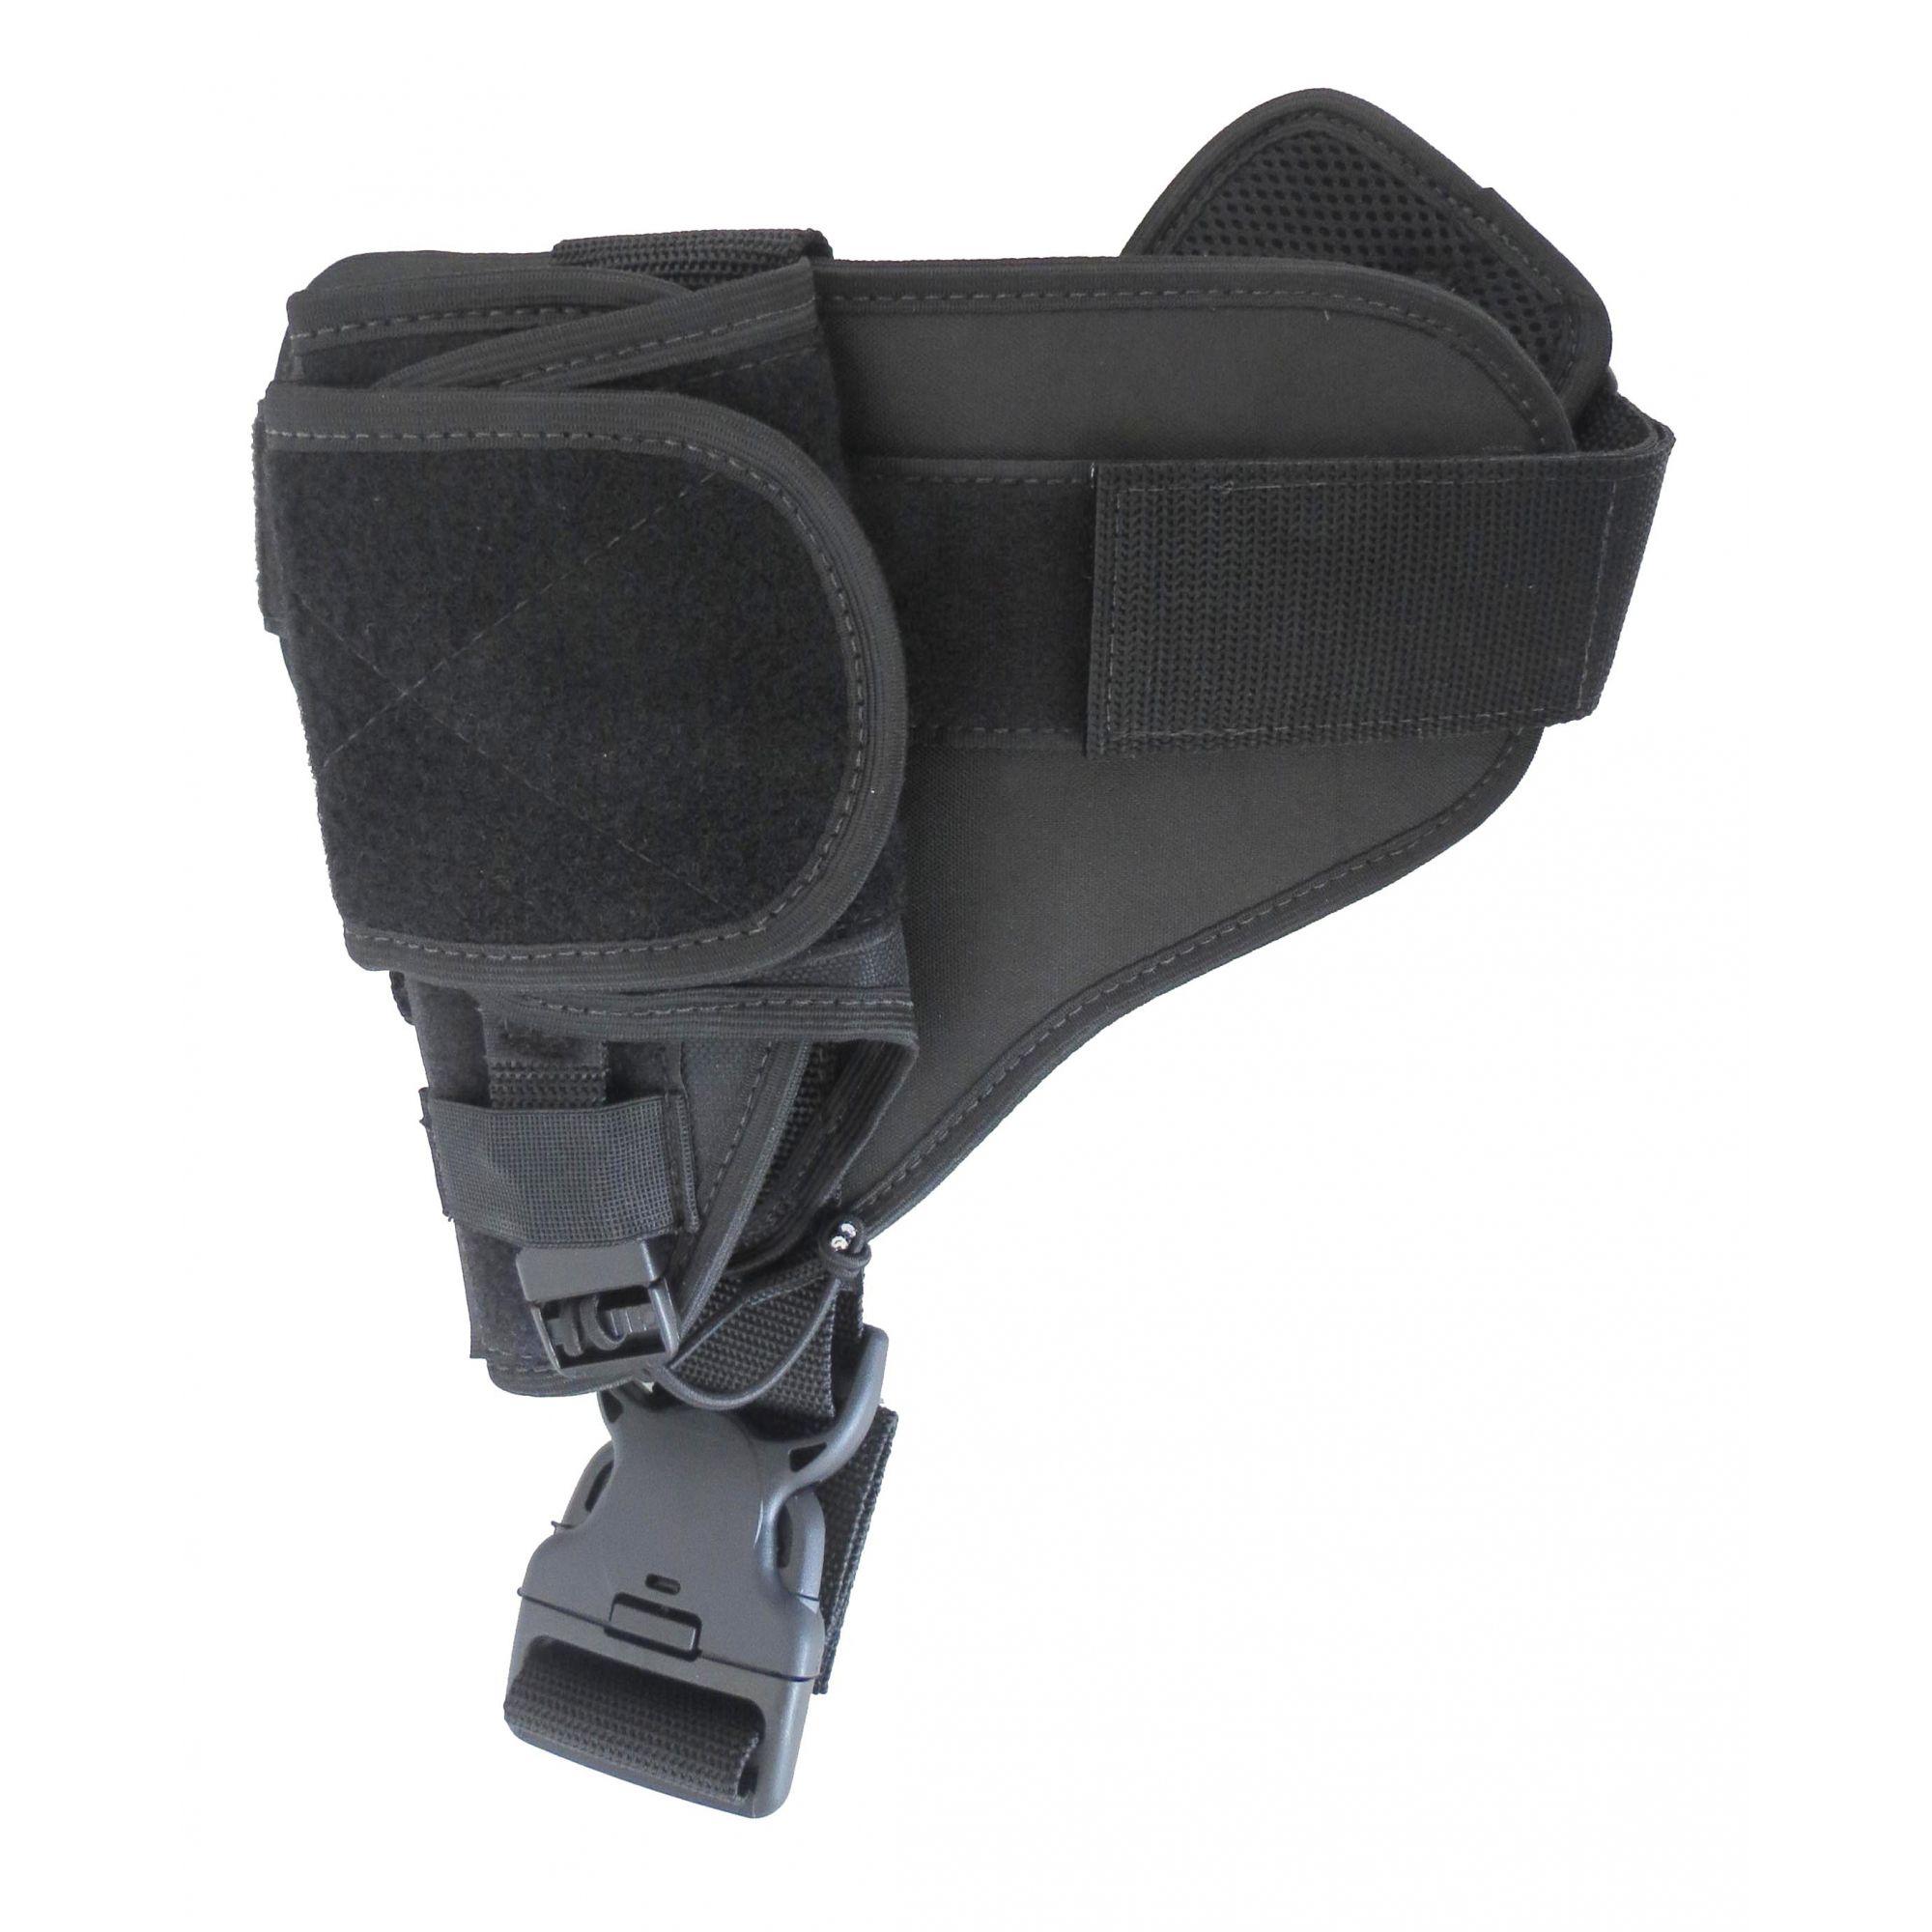 Coldre Modular Pistola (tecido) - Cor: Preta